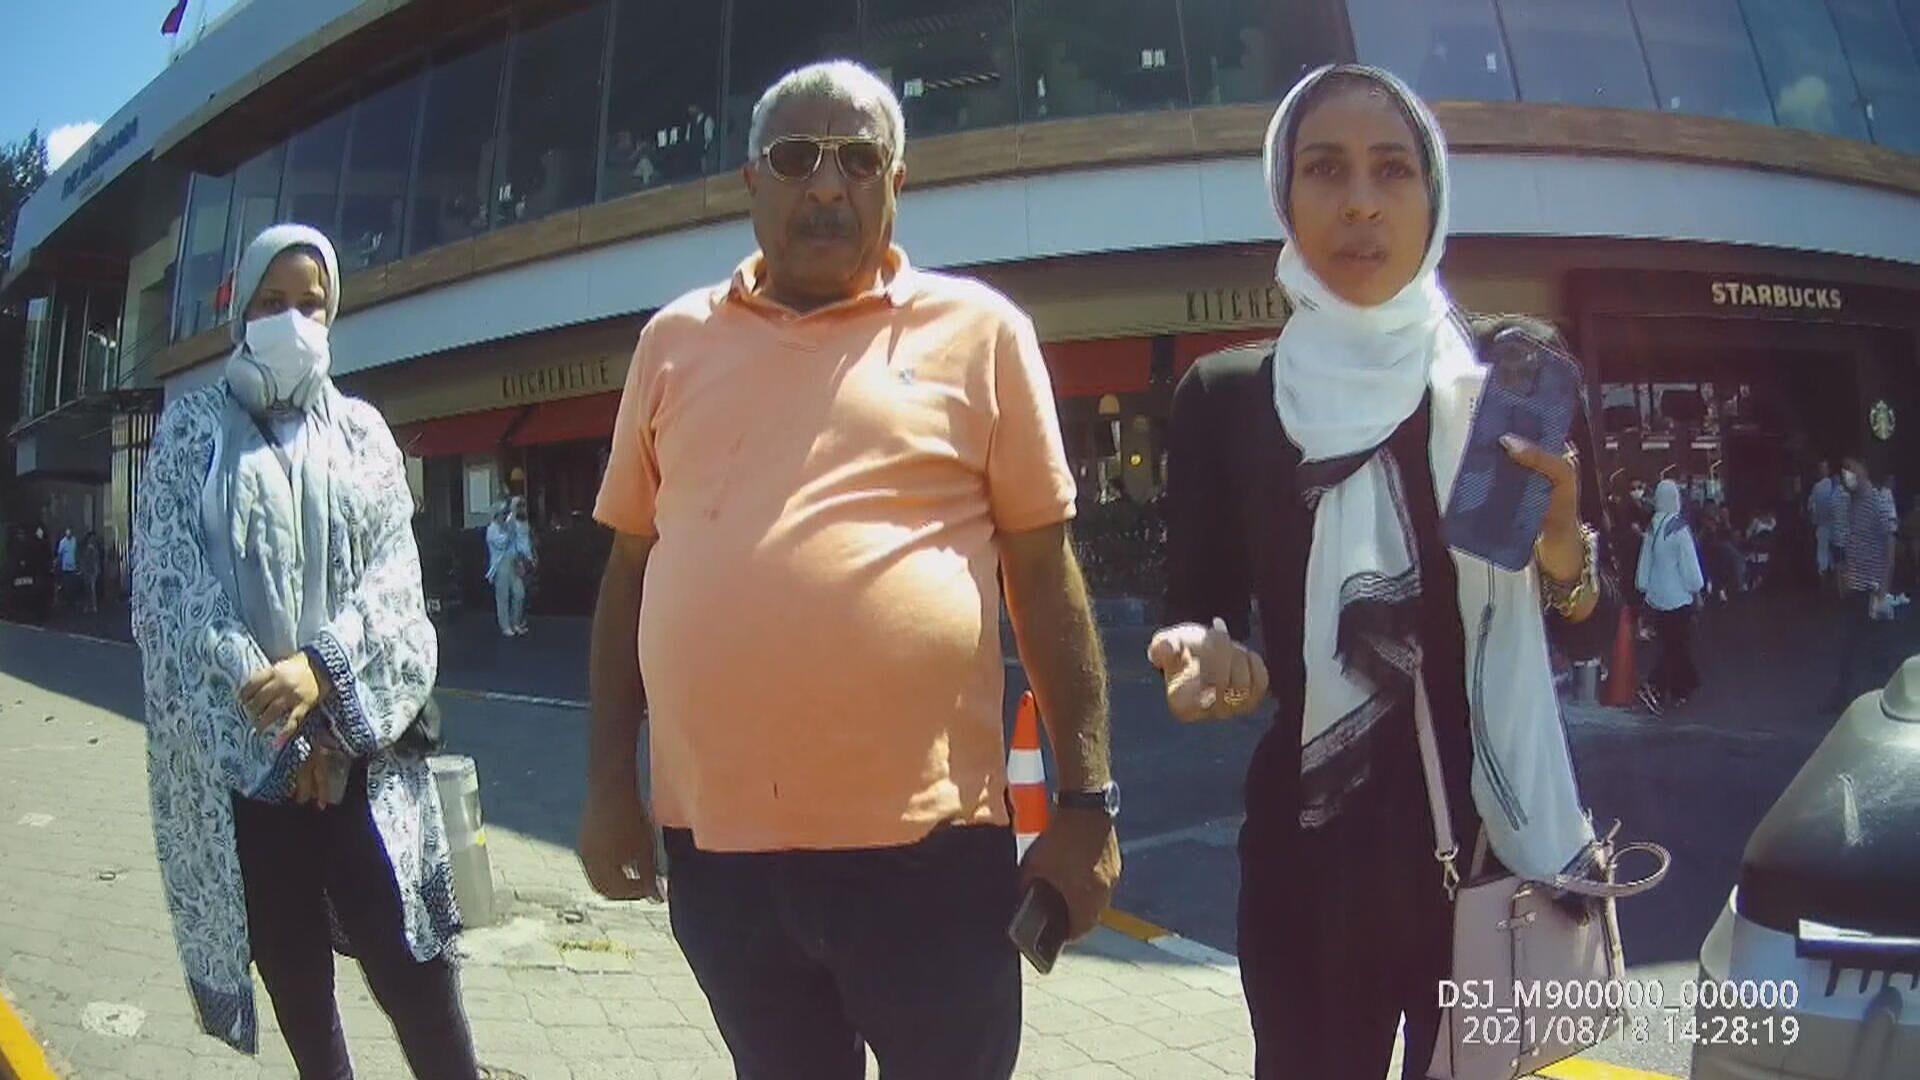 Taksim'de taksicilerle tartışan turistler - Sputnik Türkiye, 1920, 22.08.2021